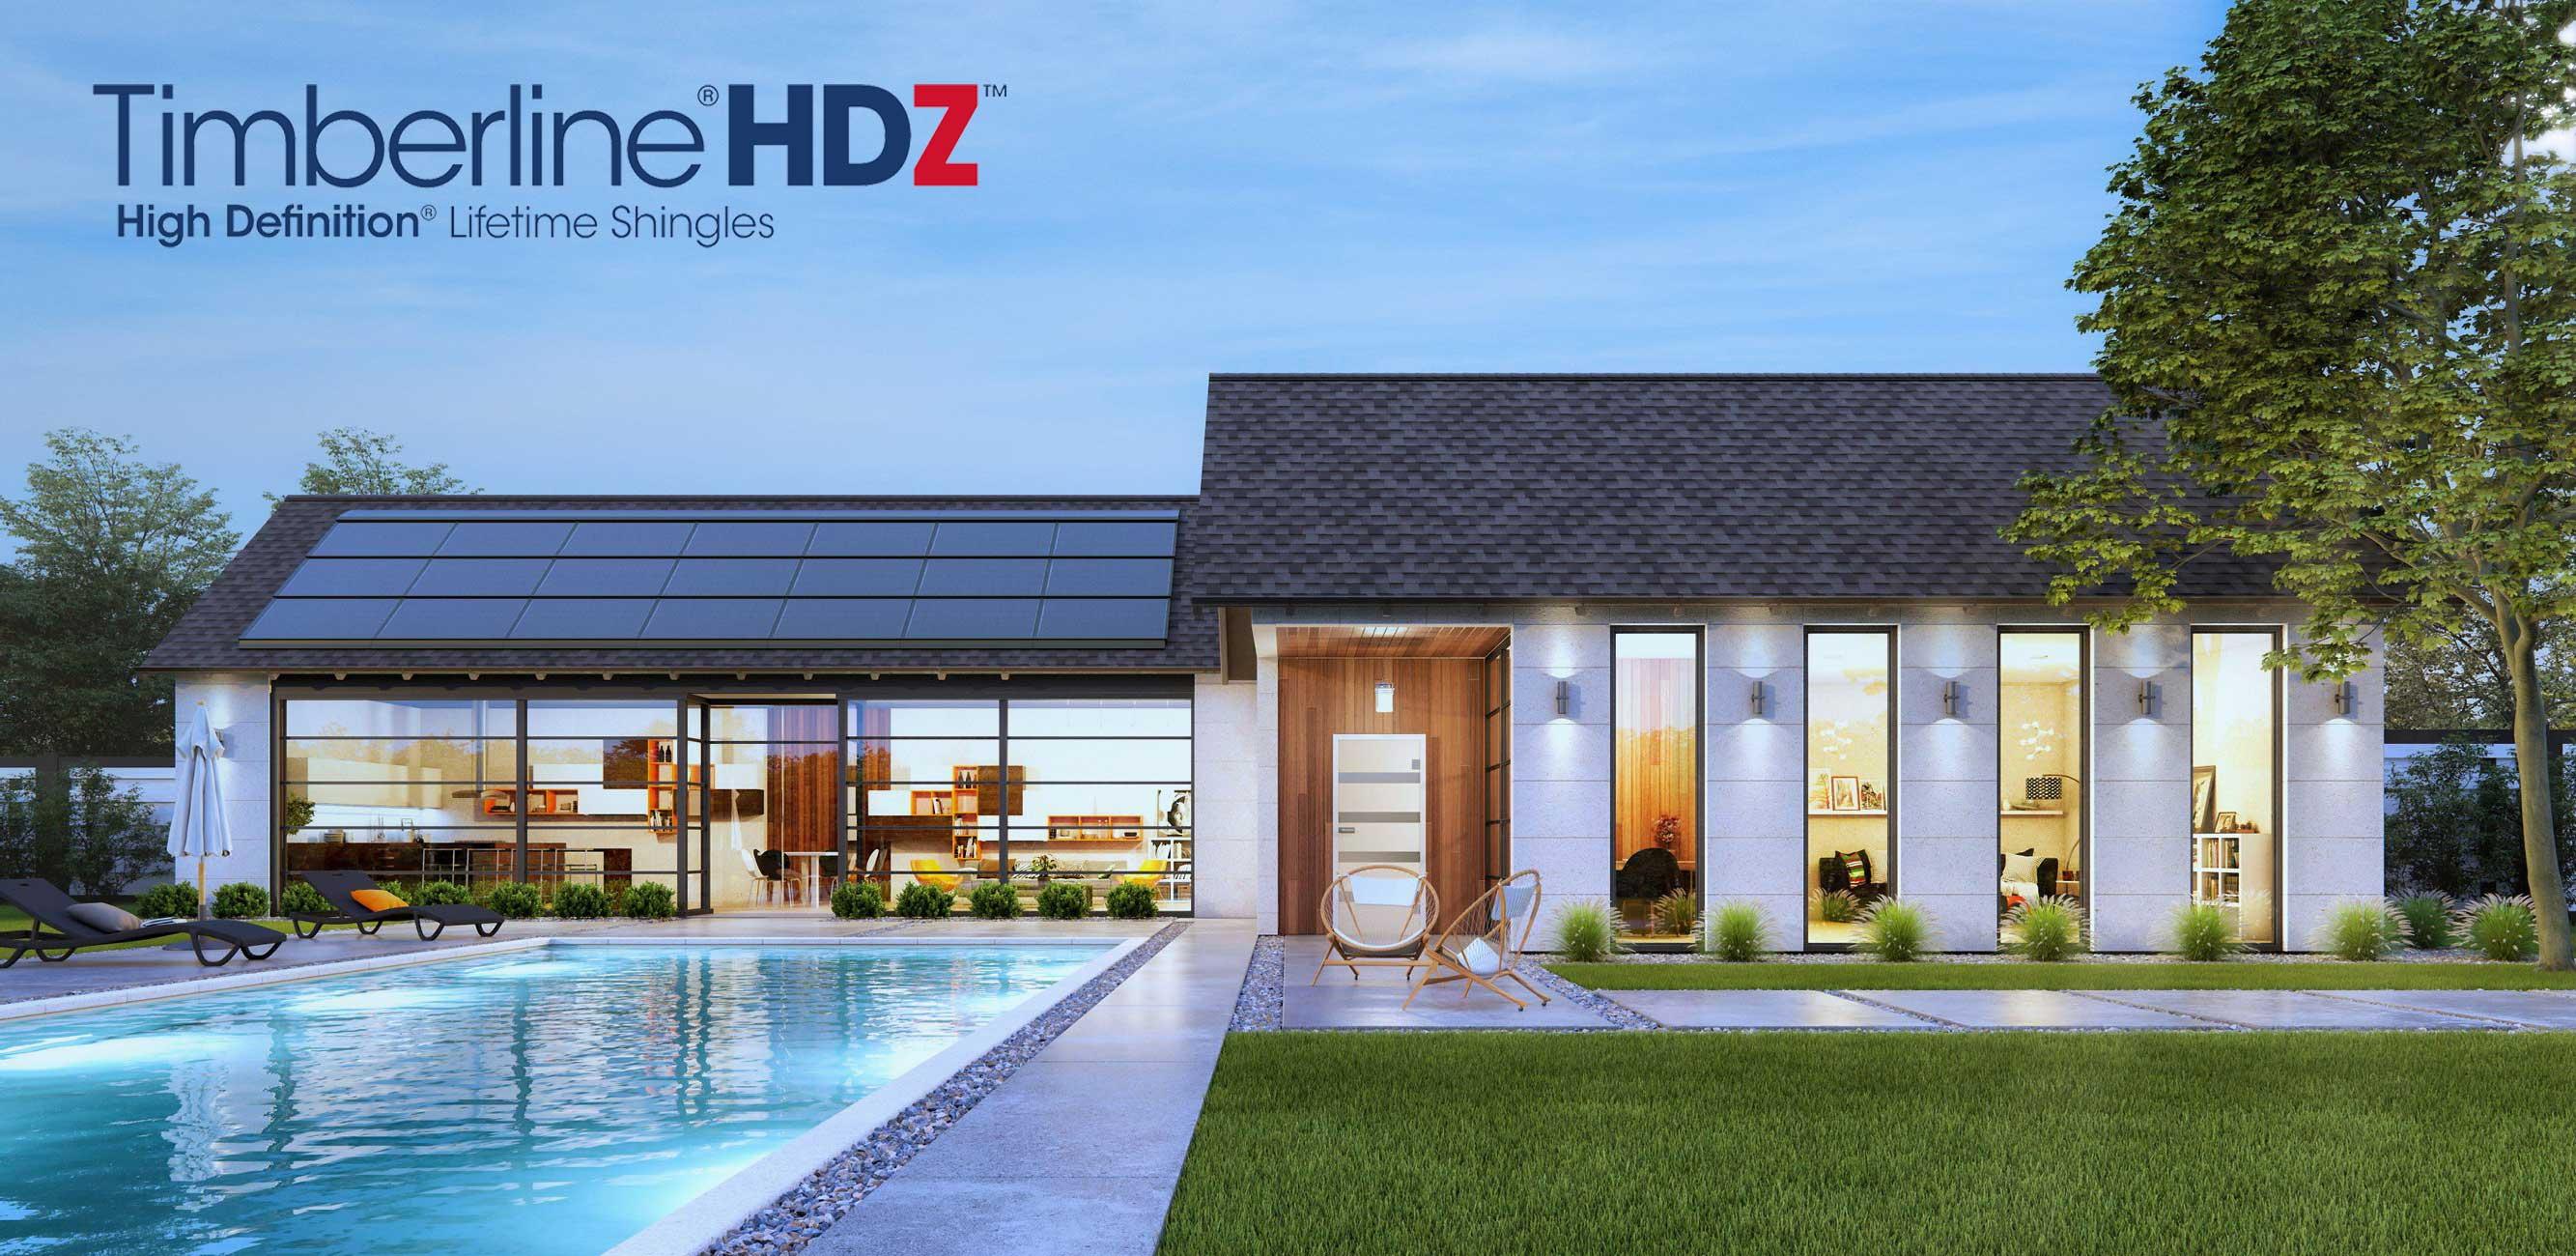 nowoczesny dom parterowy pokryty amerykańskim gontem bitumicznym firmy GAF model Timberline HDZ w kolorze Charcoal antracytowy